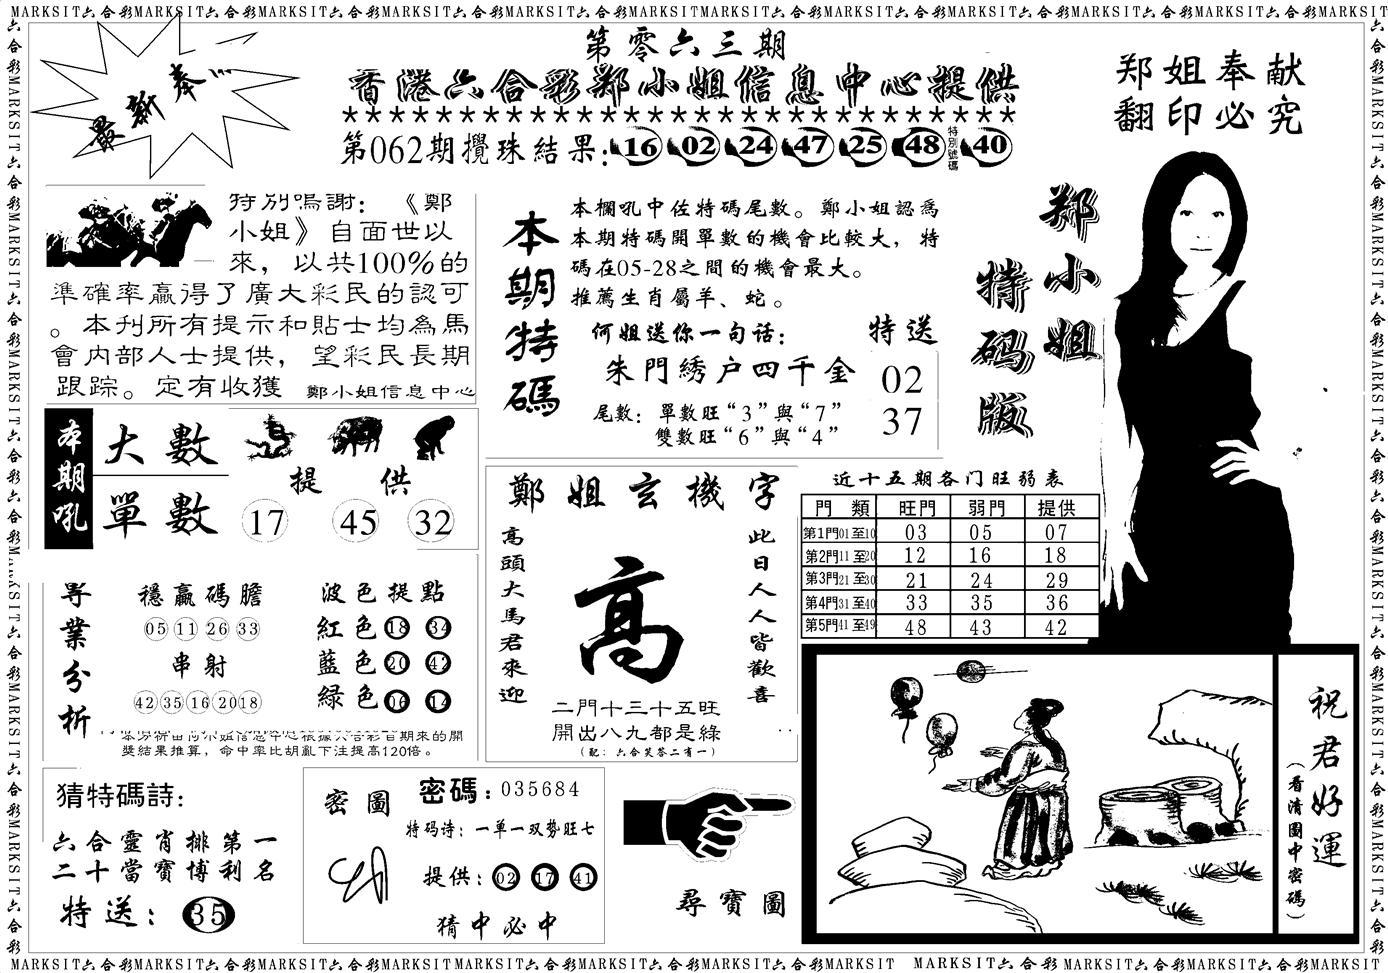 063期郑小姐特码报A(黑白)